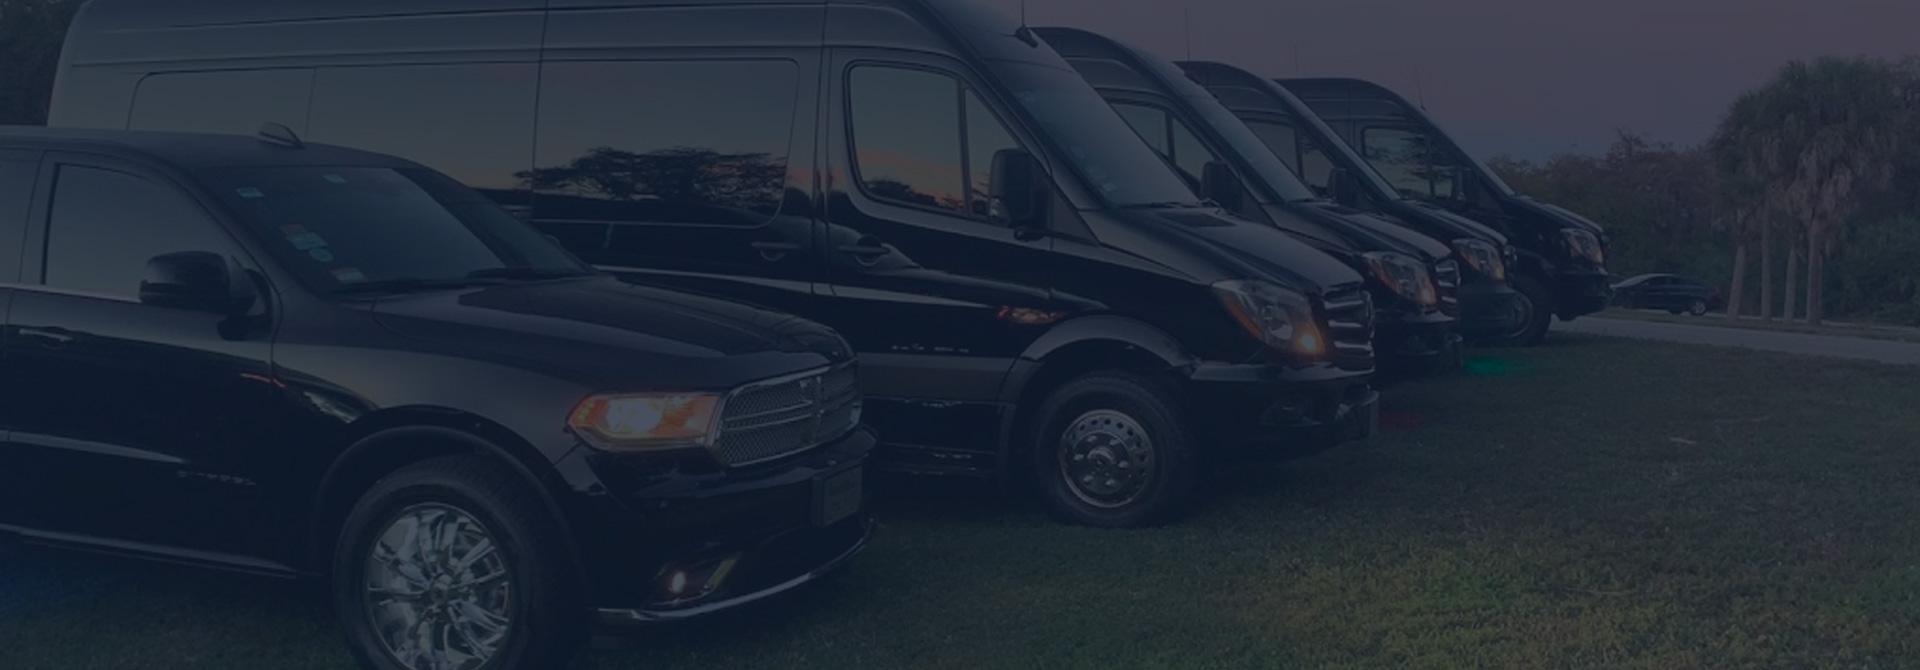 Dreamride luxury transportation fleet fort Lauderdale